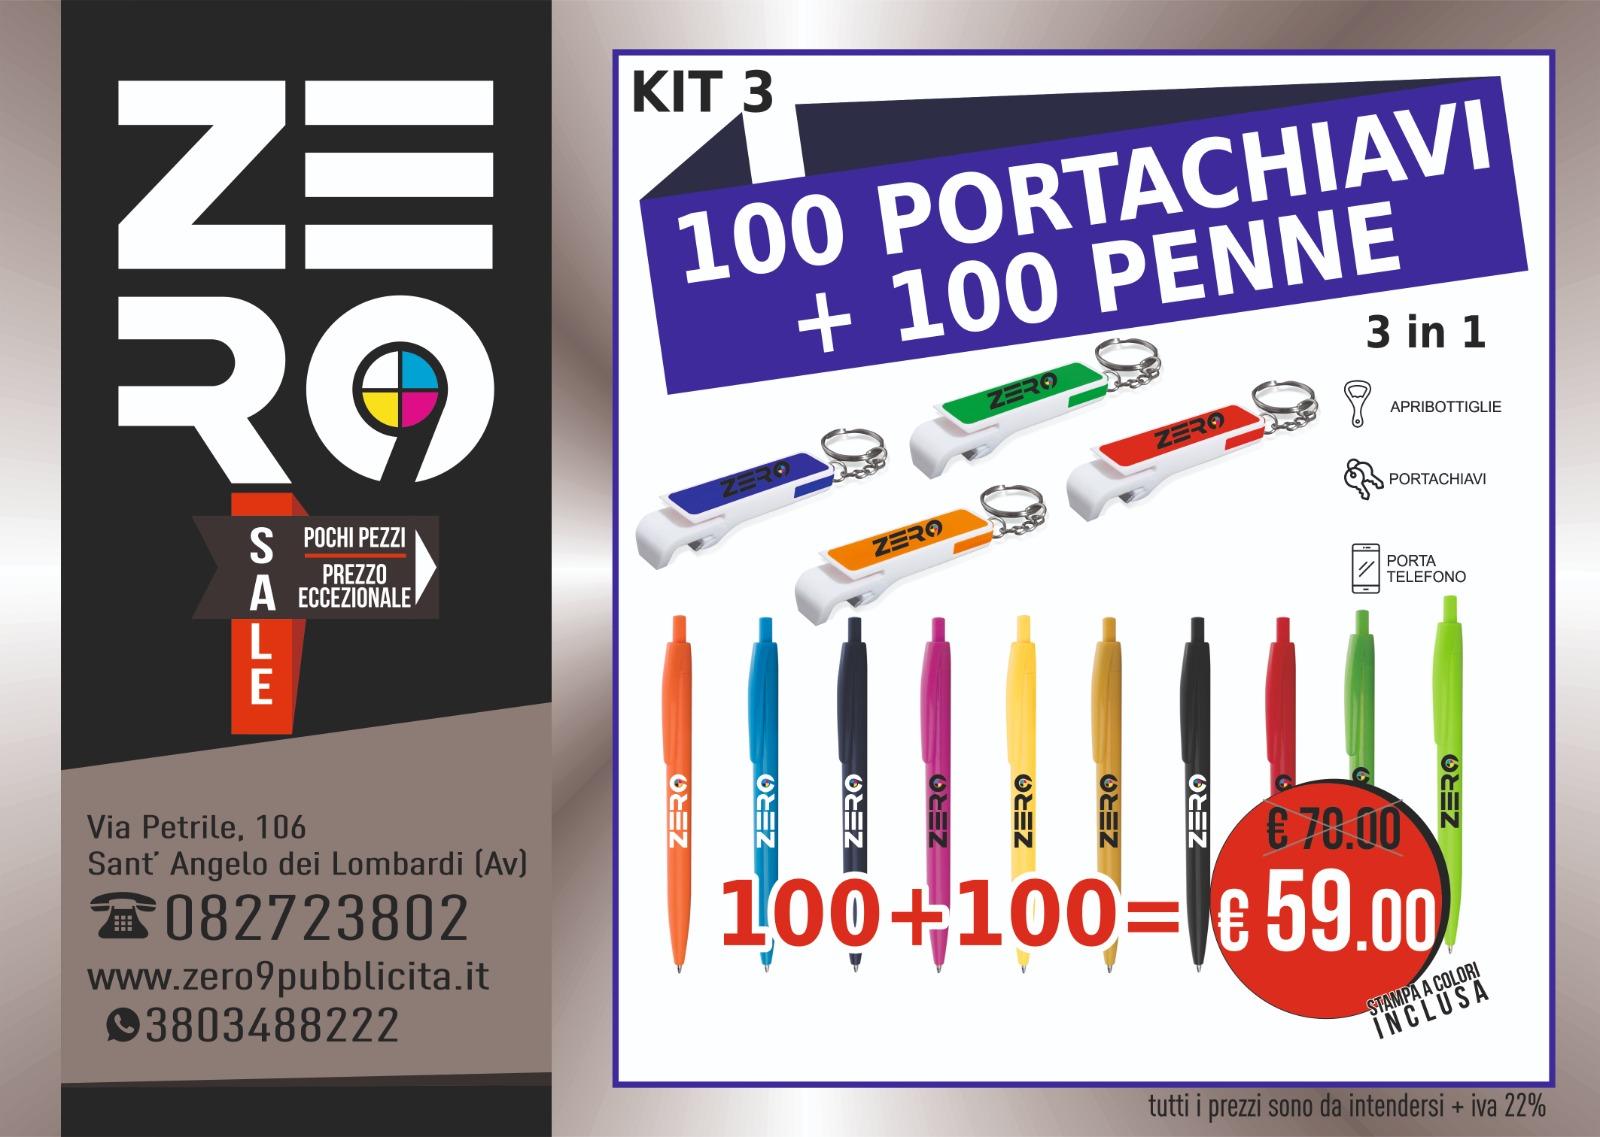 100 Portachiavi + 100 Penne